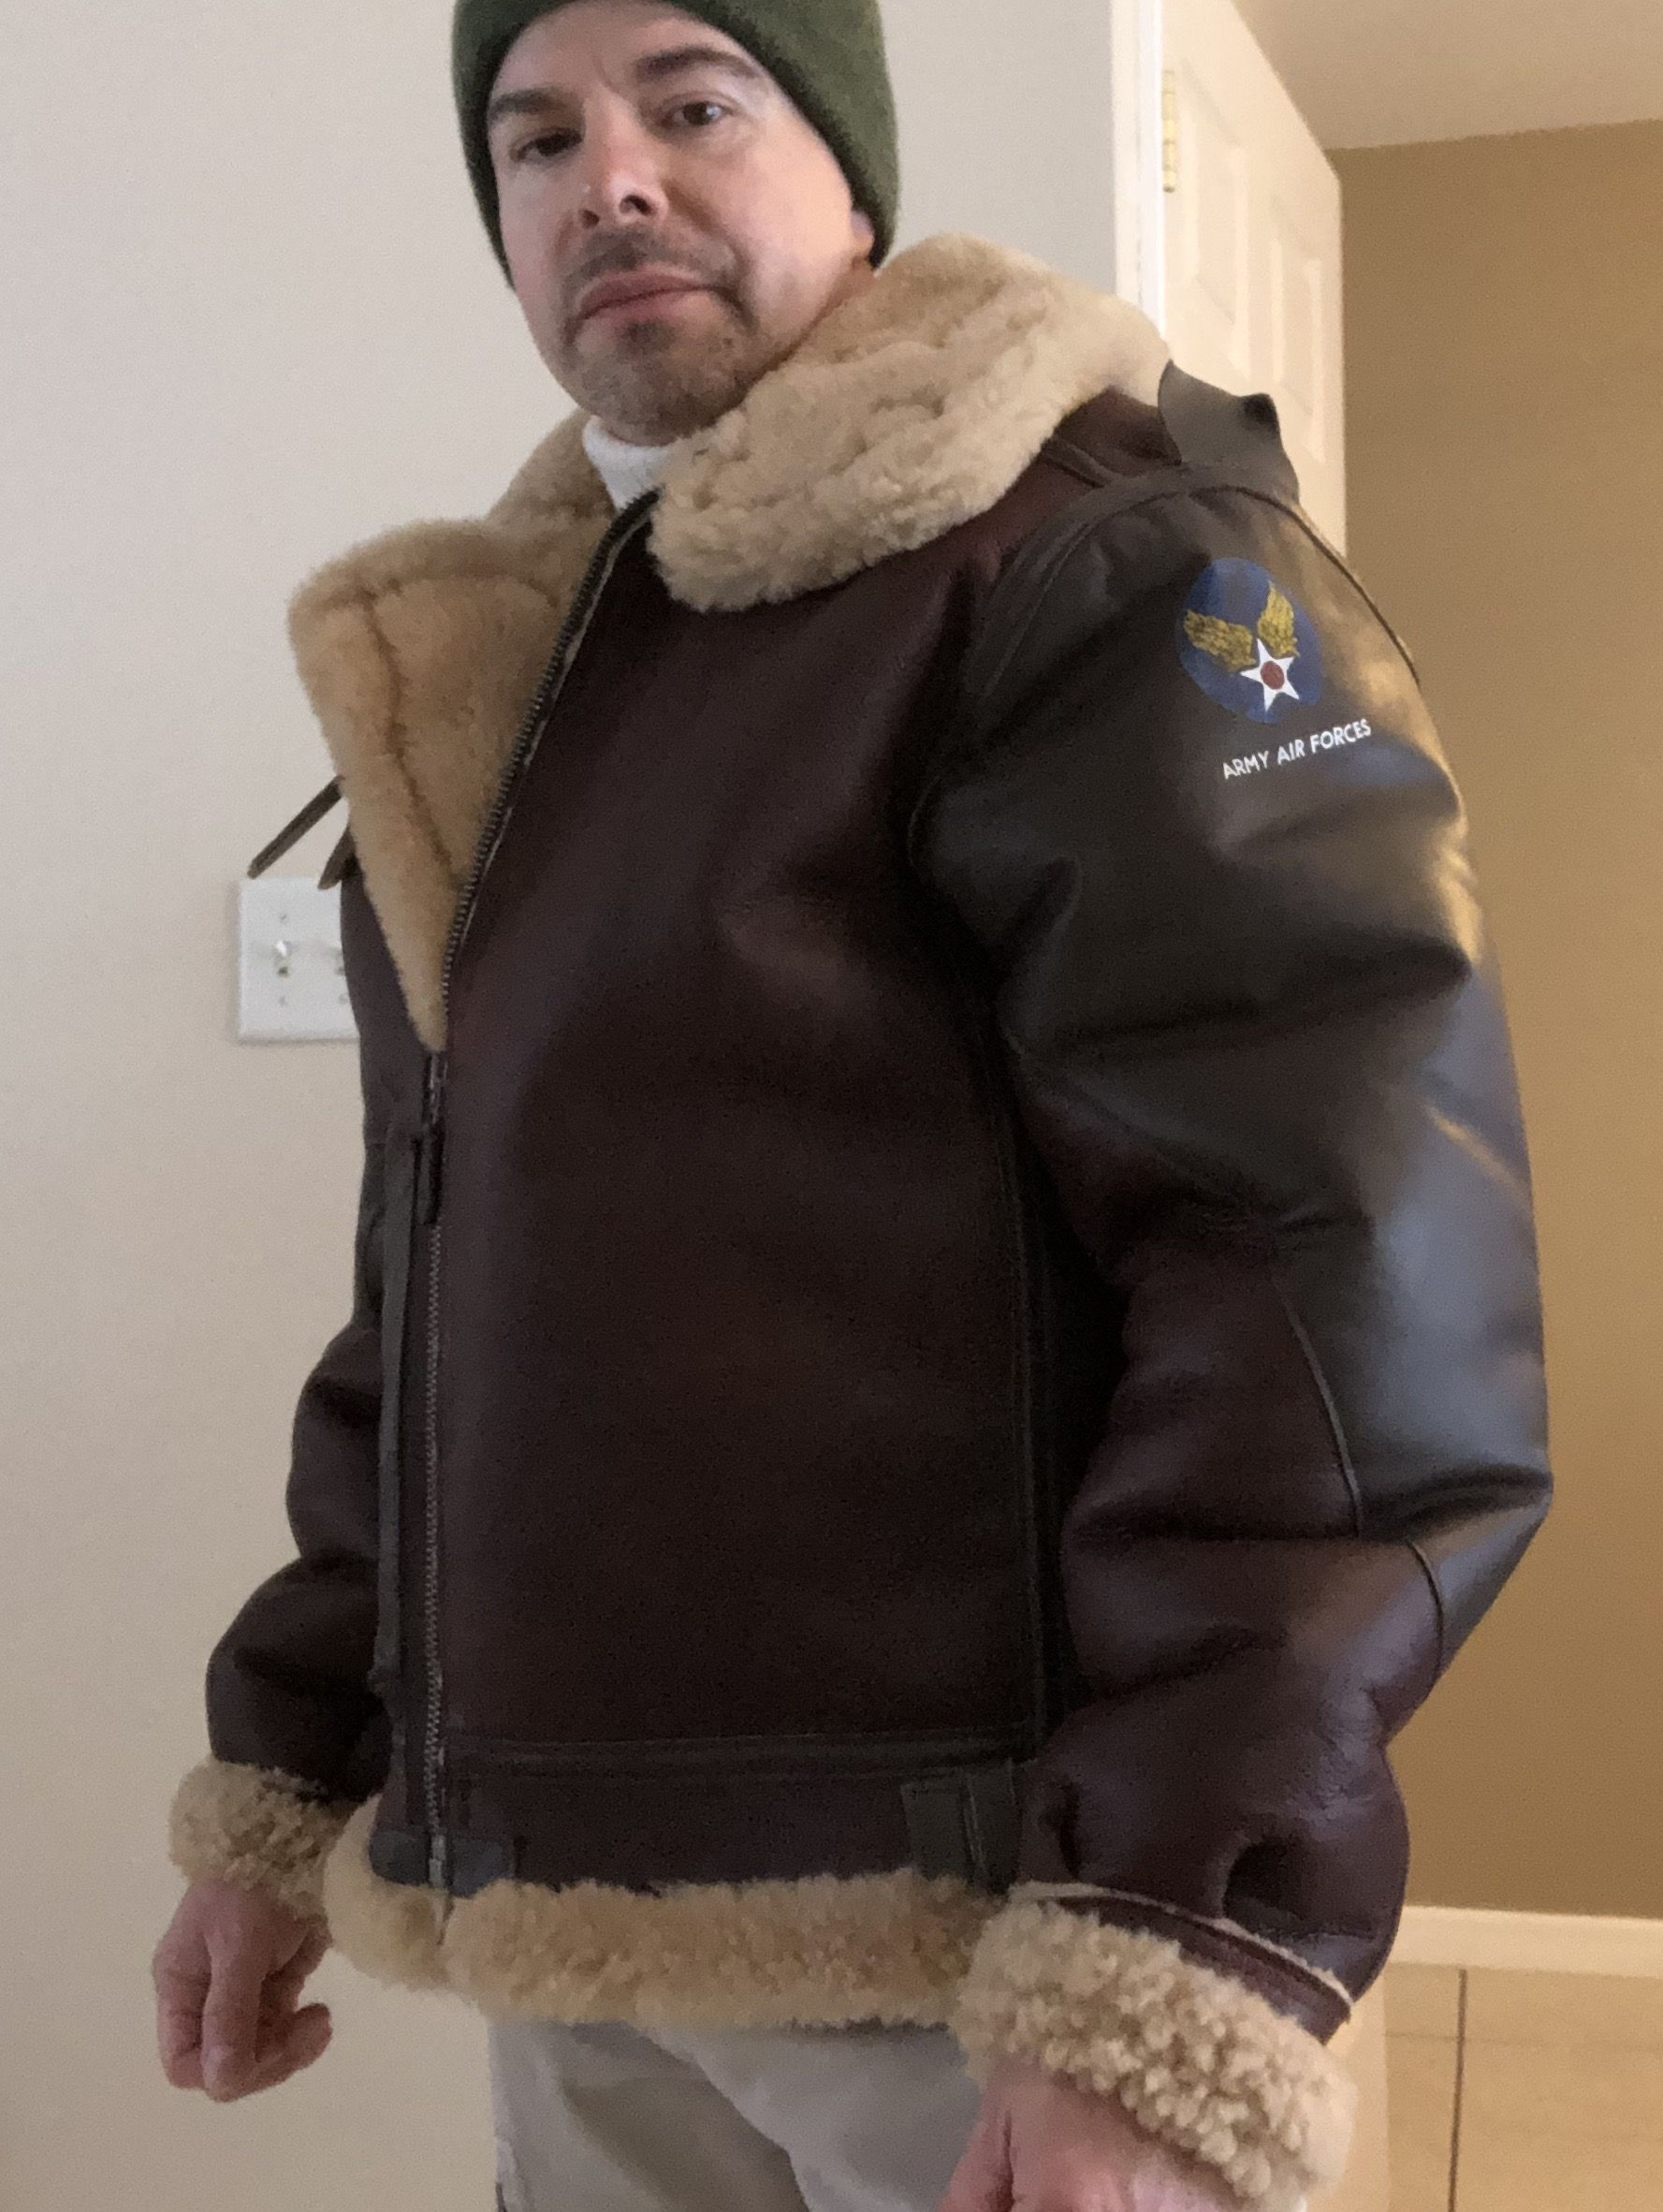 Pin by Sheepskin boy on Sheepskin coats in 2020 Jackets